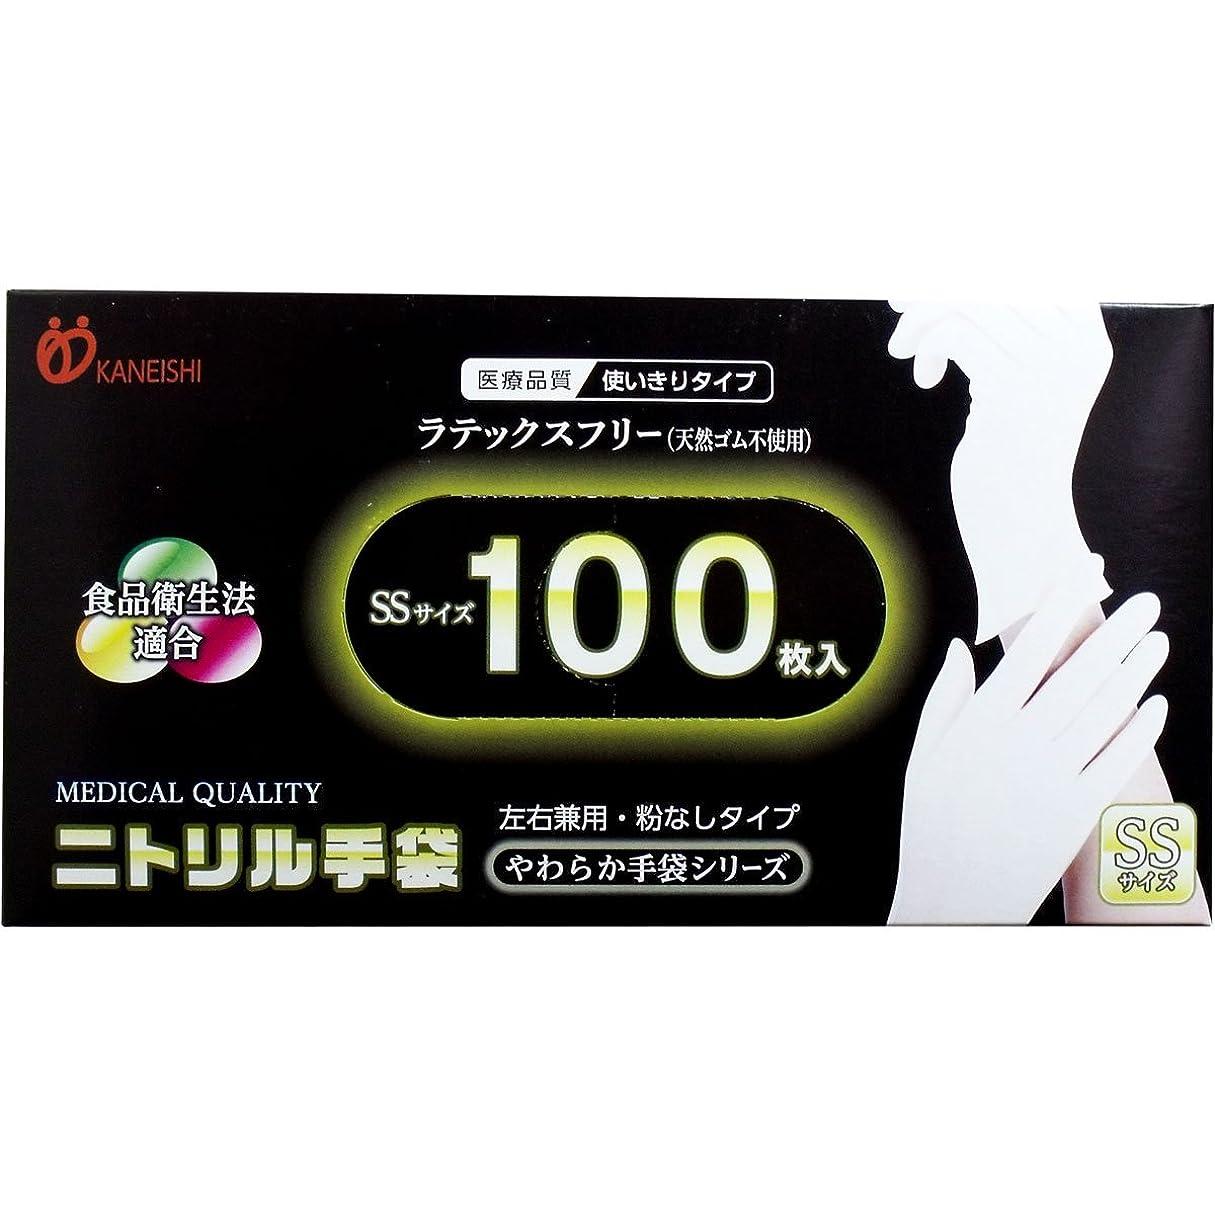 ラフト折るホール使い捨て手袋【カネイシ やわらかニトリル手袋 粉無SSサイズ】1000枚(100枚入 X10箱)